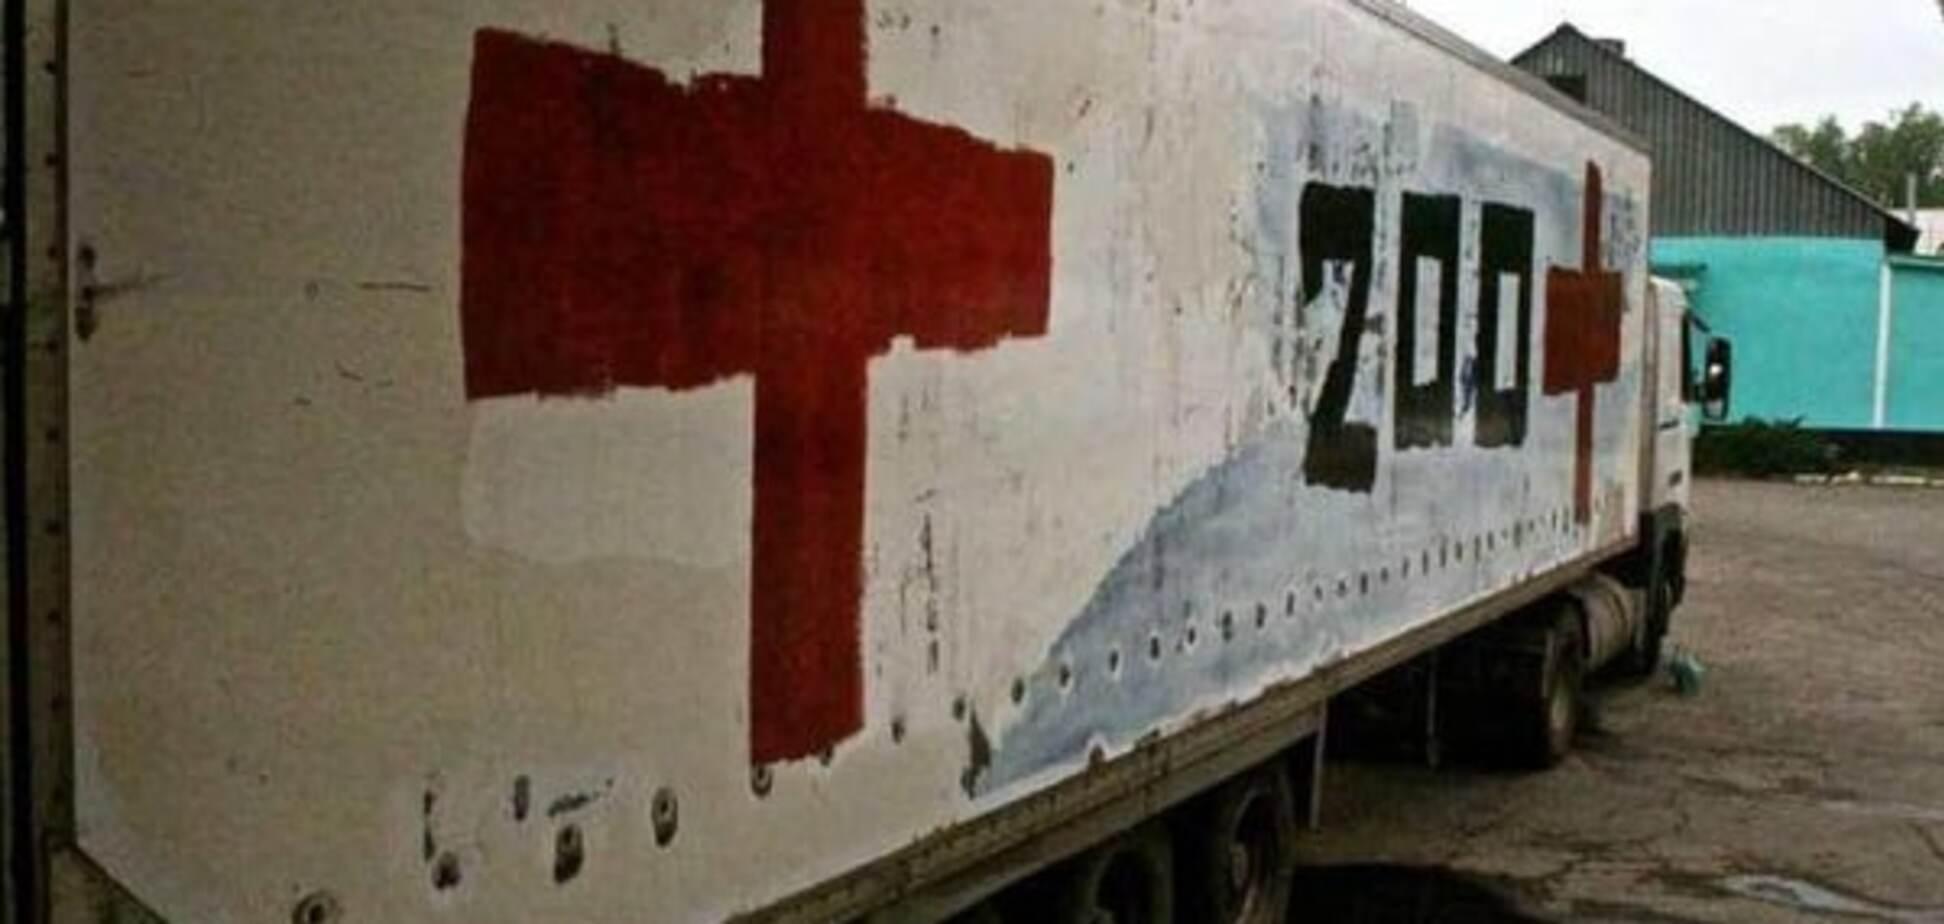 Втрати українських бійців: в 'Евакуація-200' назвали шокуючу цифру